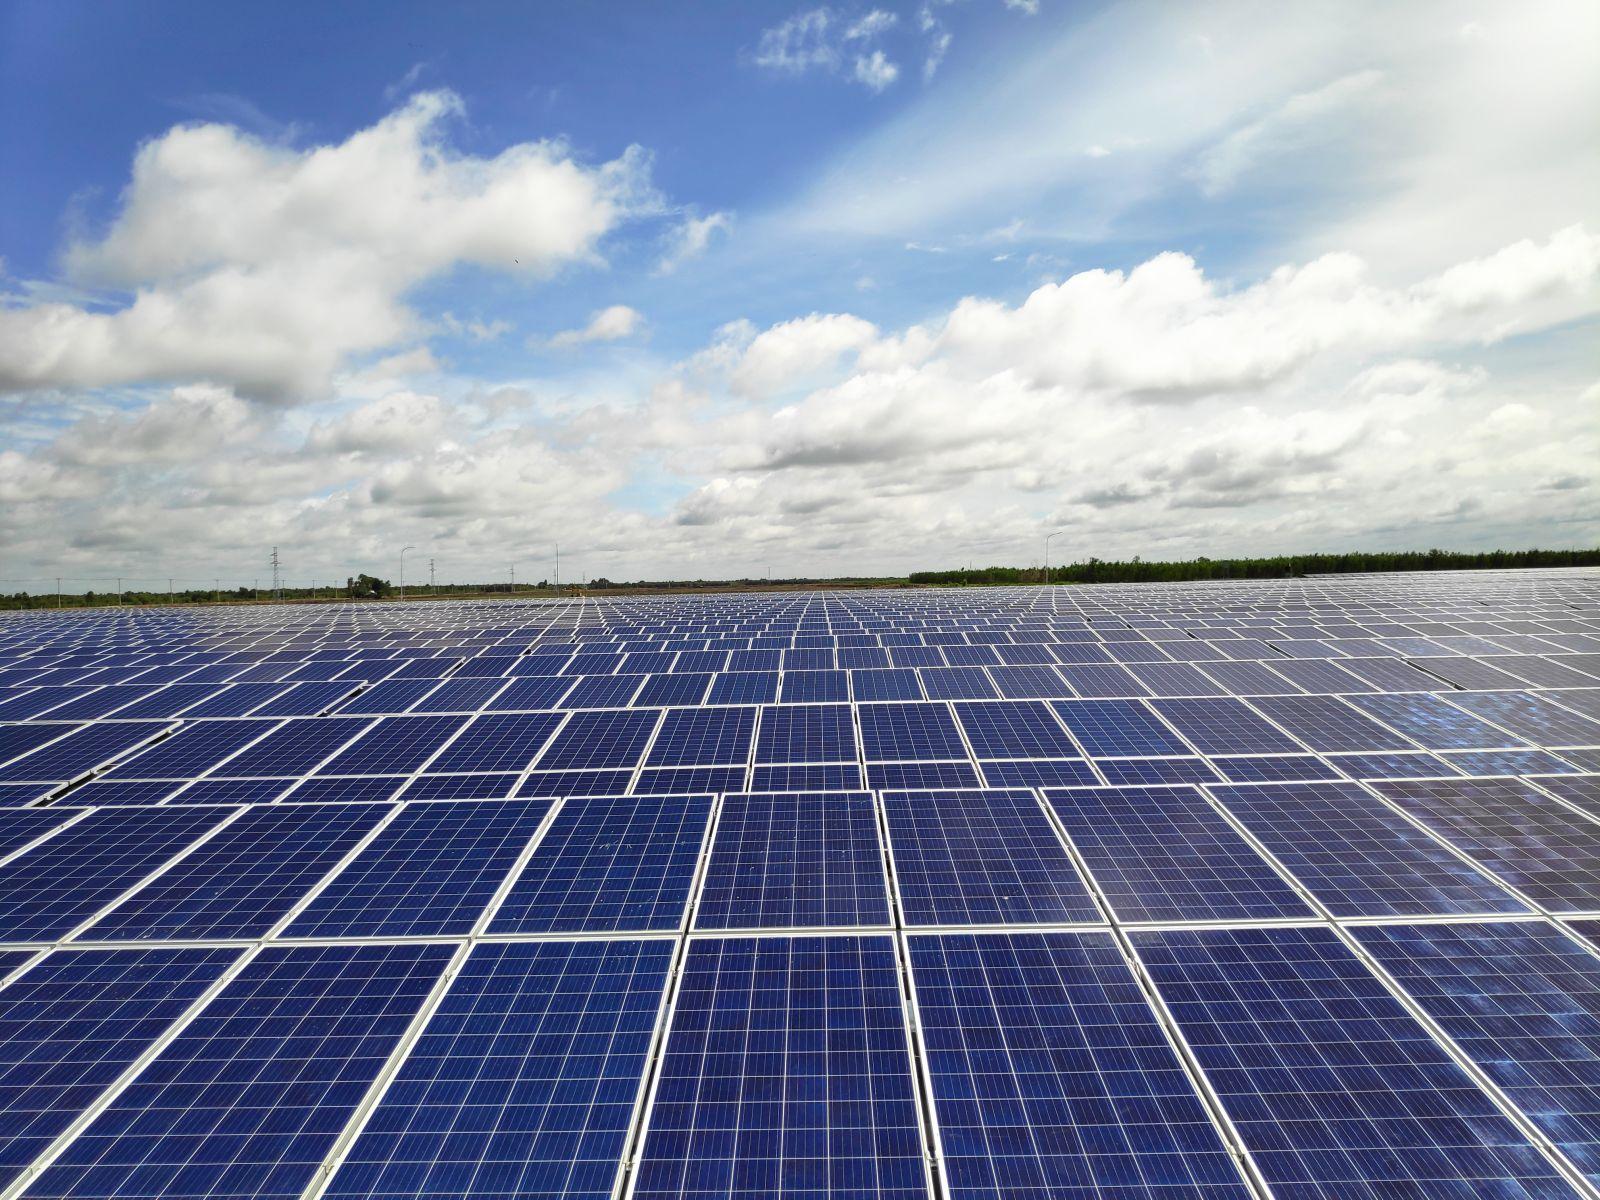 Hình công trình lắp đặt điện năng lượng mặt trời tại bình dương